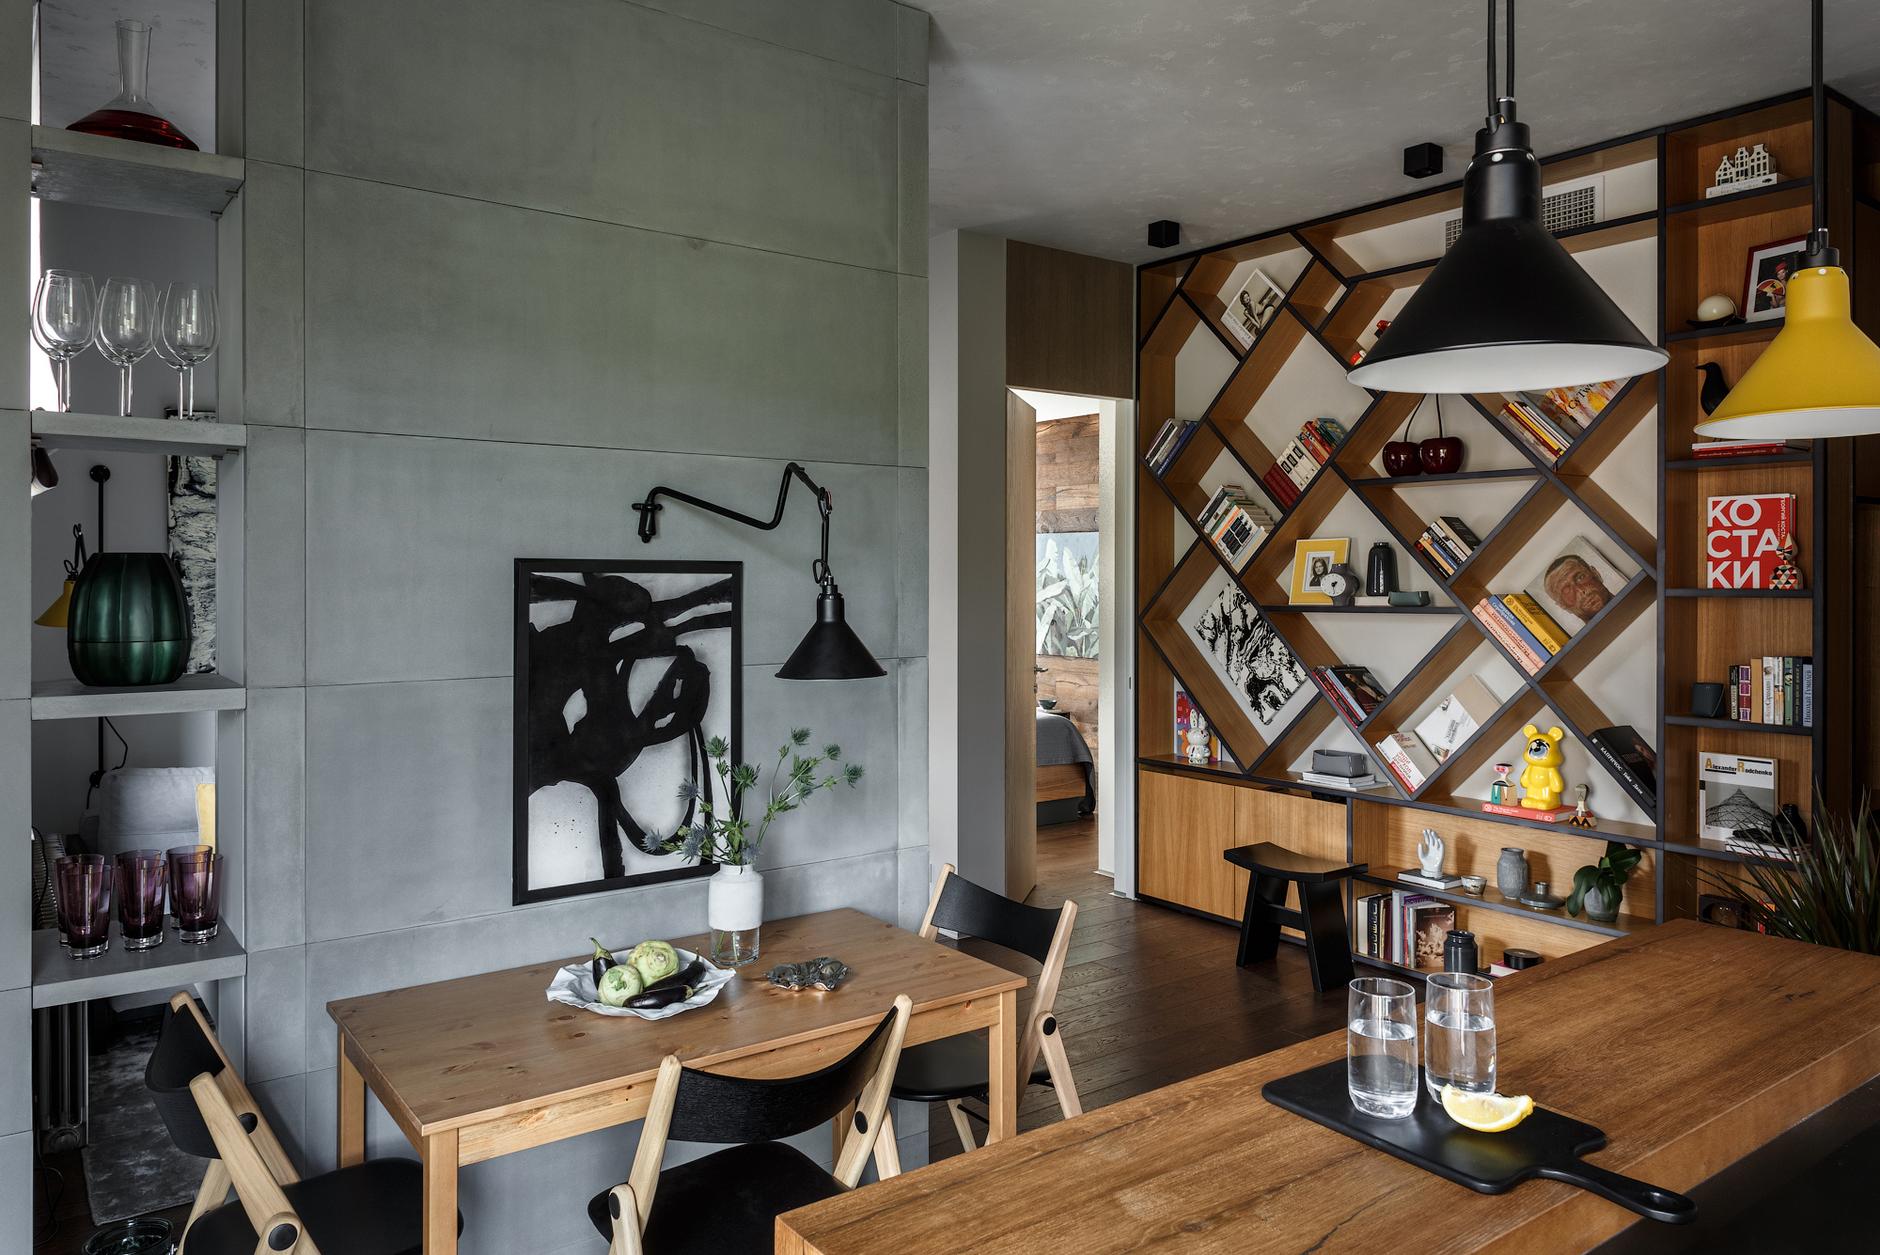 Квартира 87 м² в Олимпийской деревне Новогорск (галерея 5, фото 2)